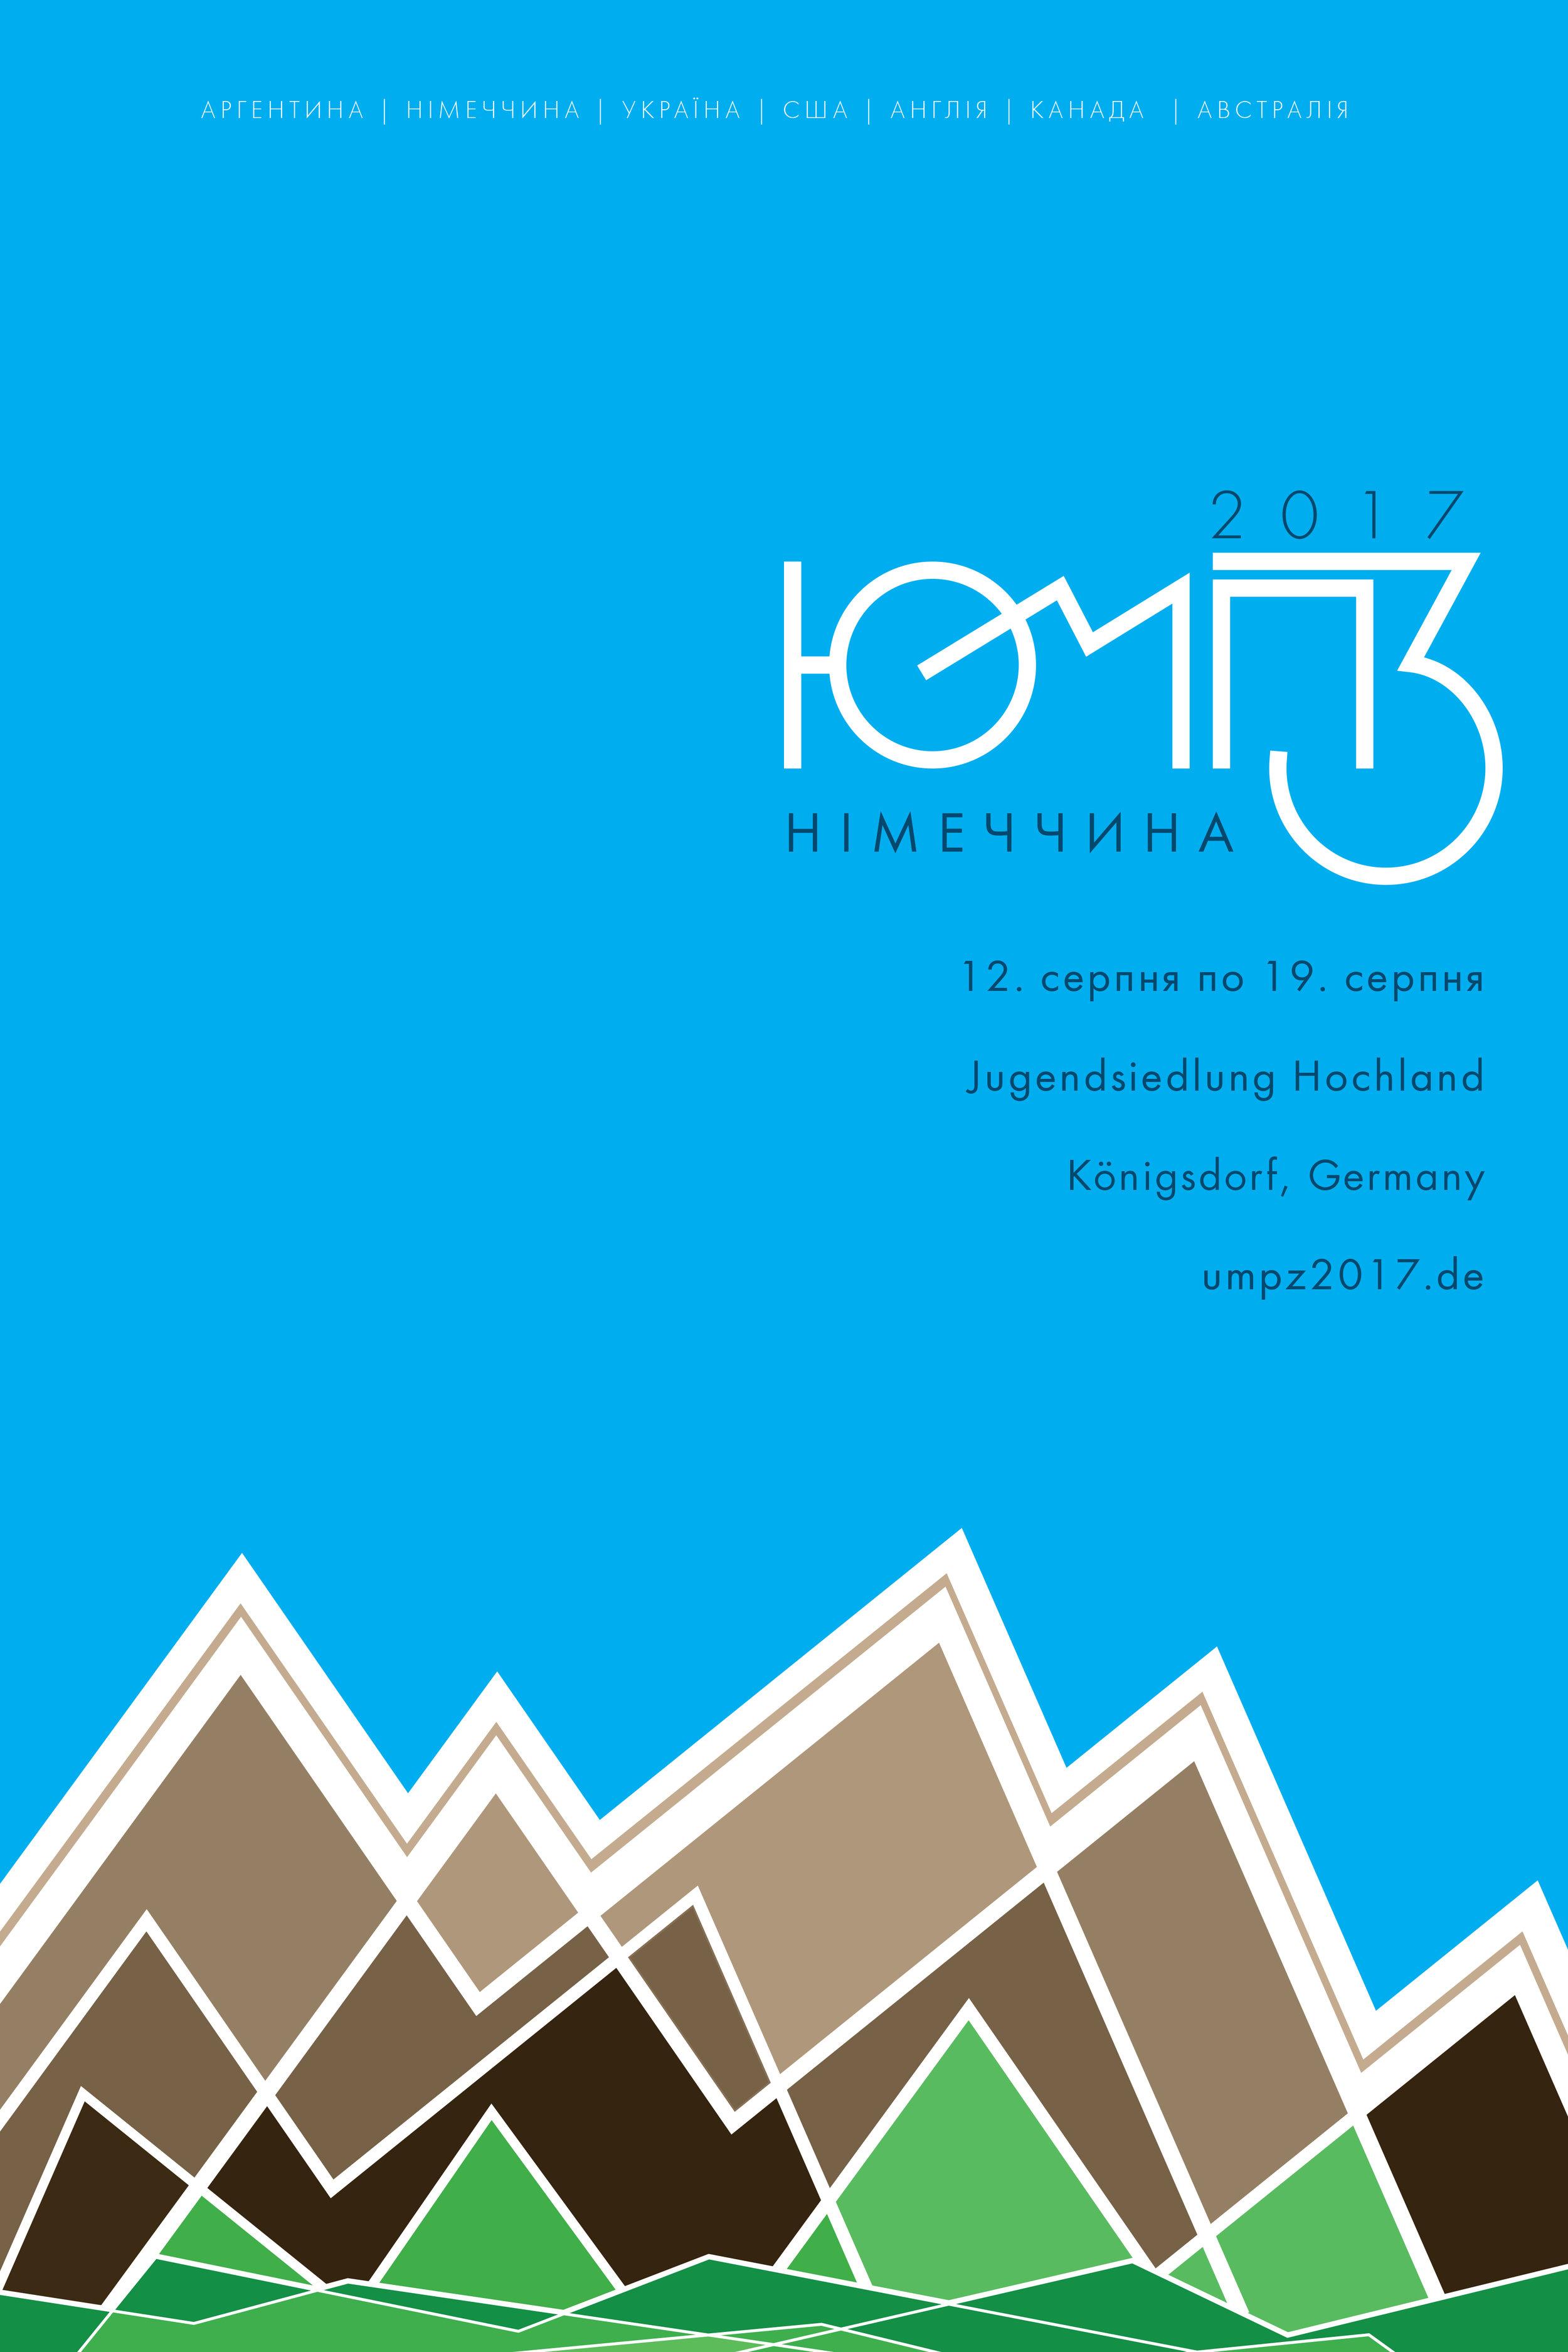 UMPZ Poster-9.jpg